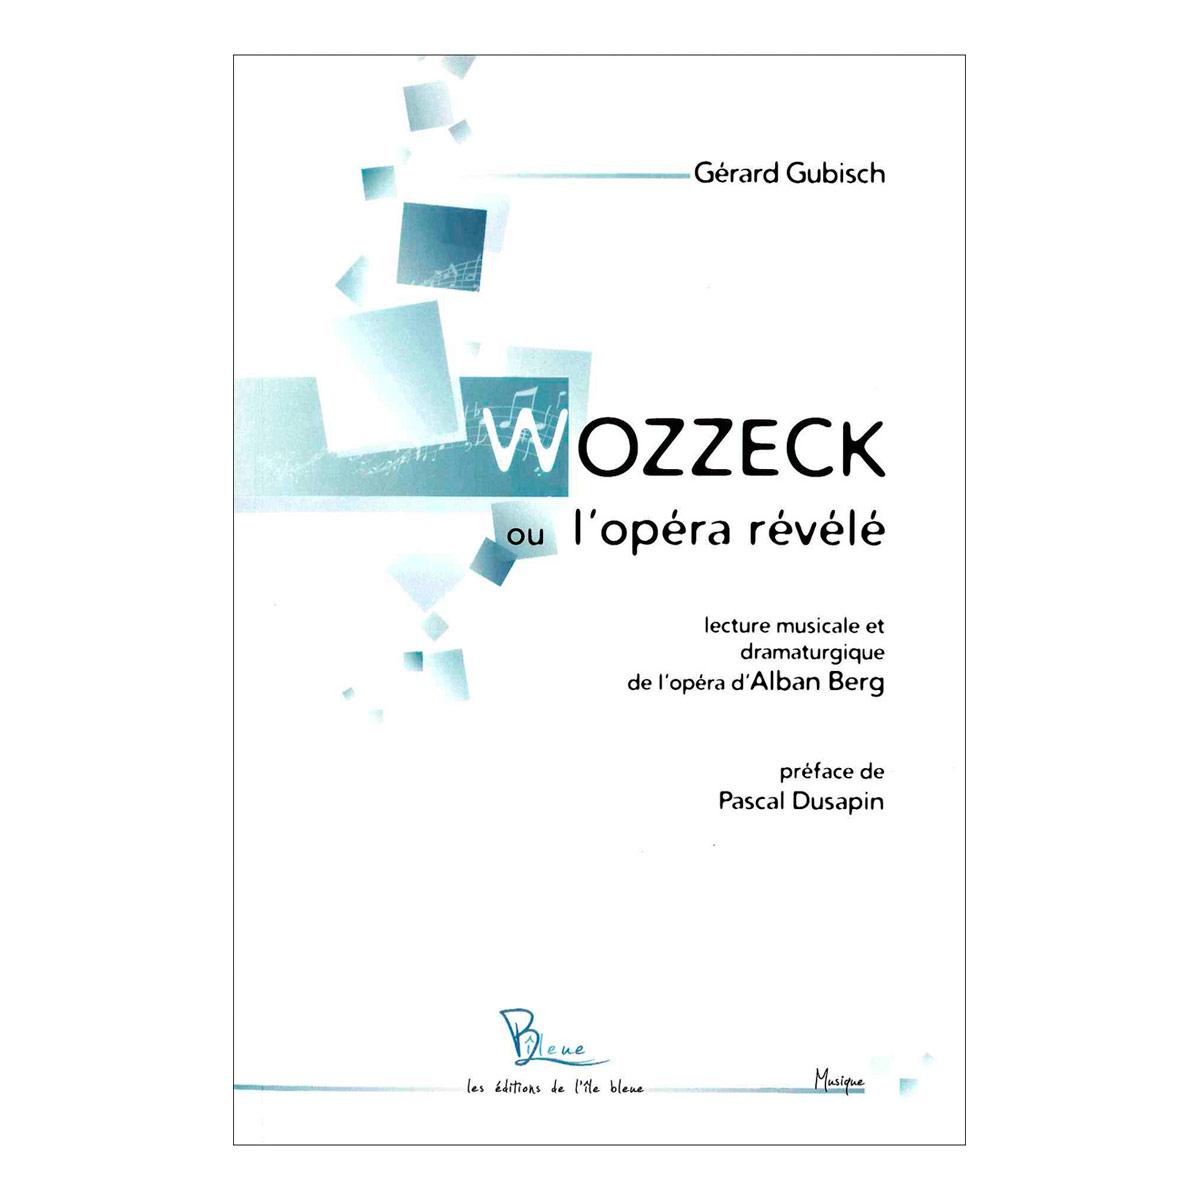 Gubisch G. - Wozzeck Ou L'op�ra R�v�l�, Lecture Musicale Et Dramaturgique De L'op�ra D'alban Berg -